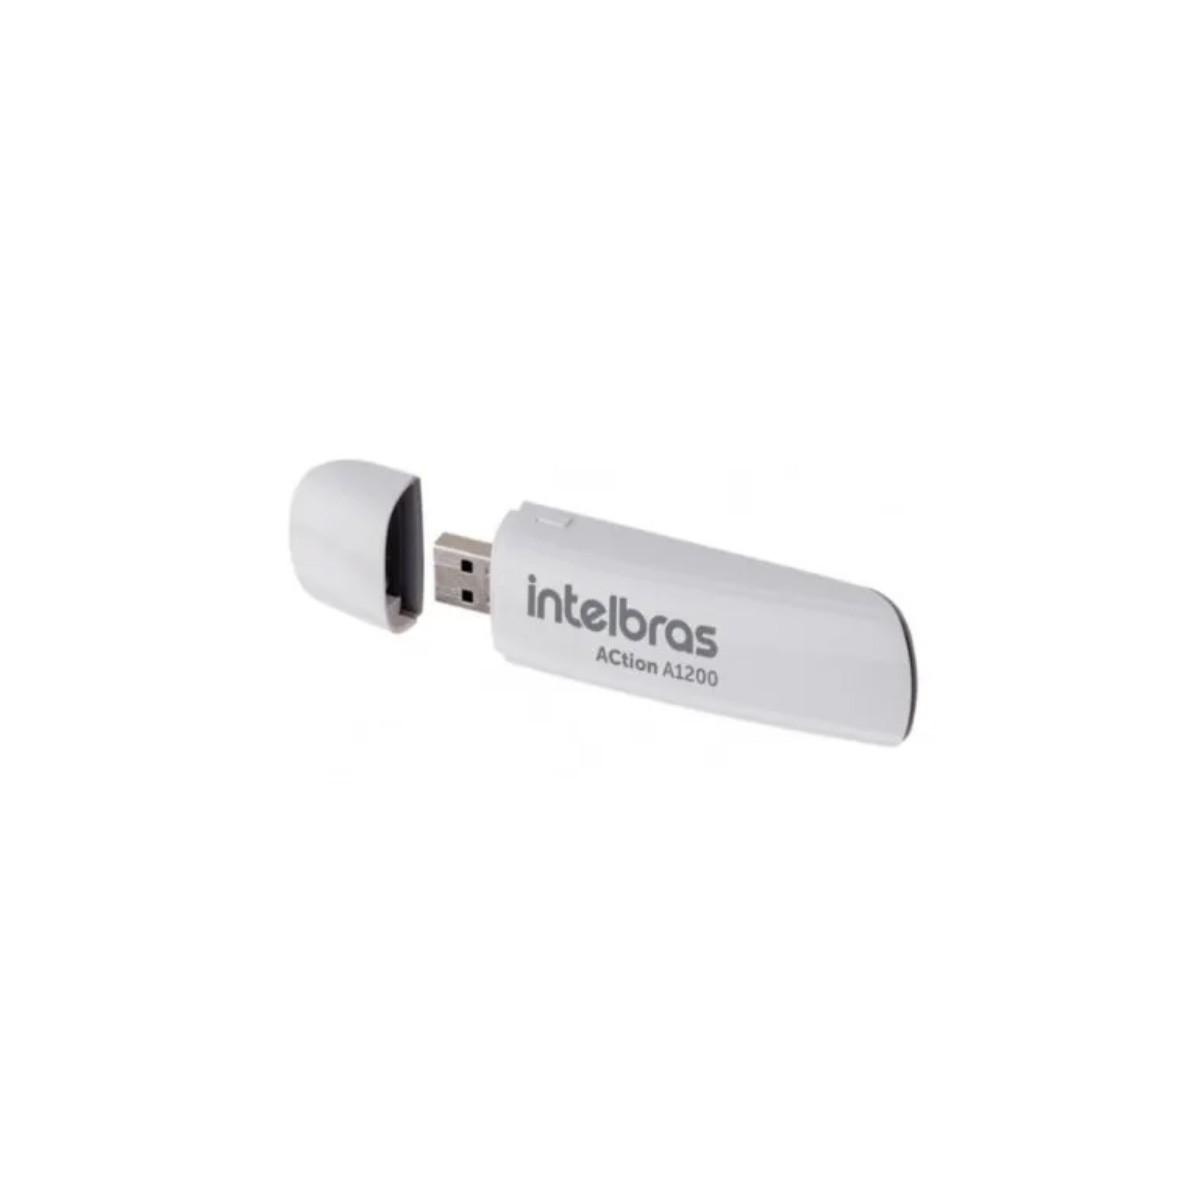 Adaptador Intelbras Usb 3.0 Wireless Dual Band Action A1200